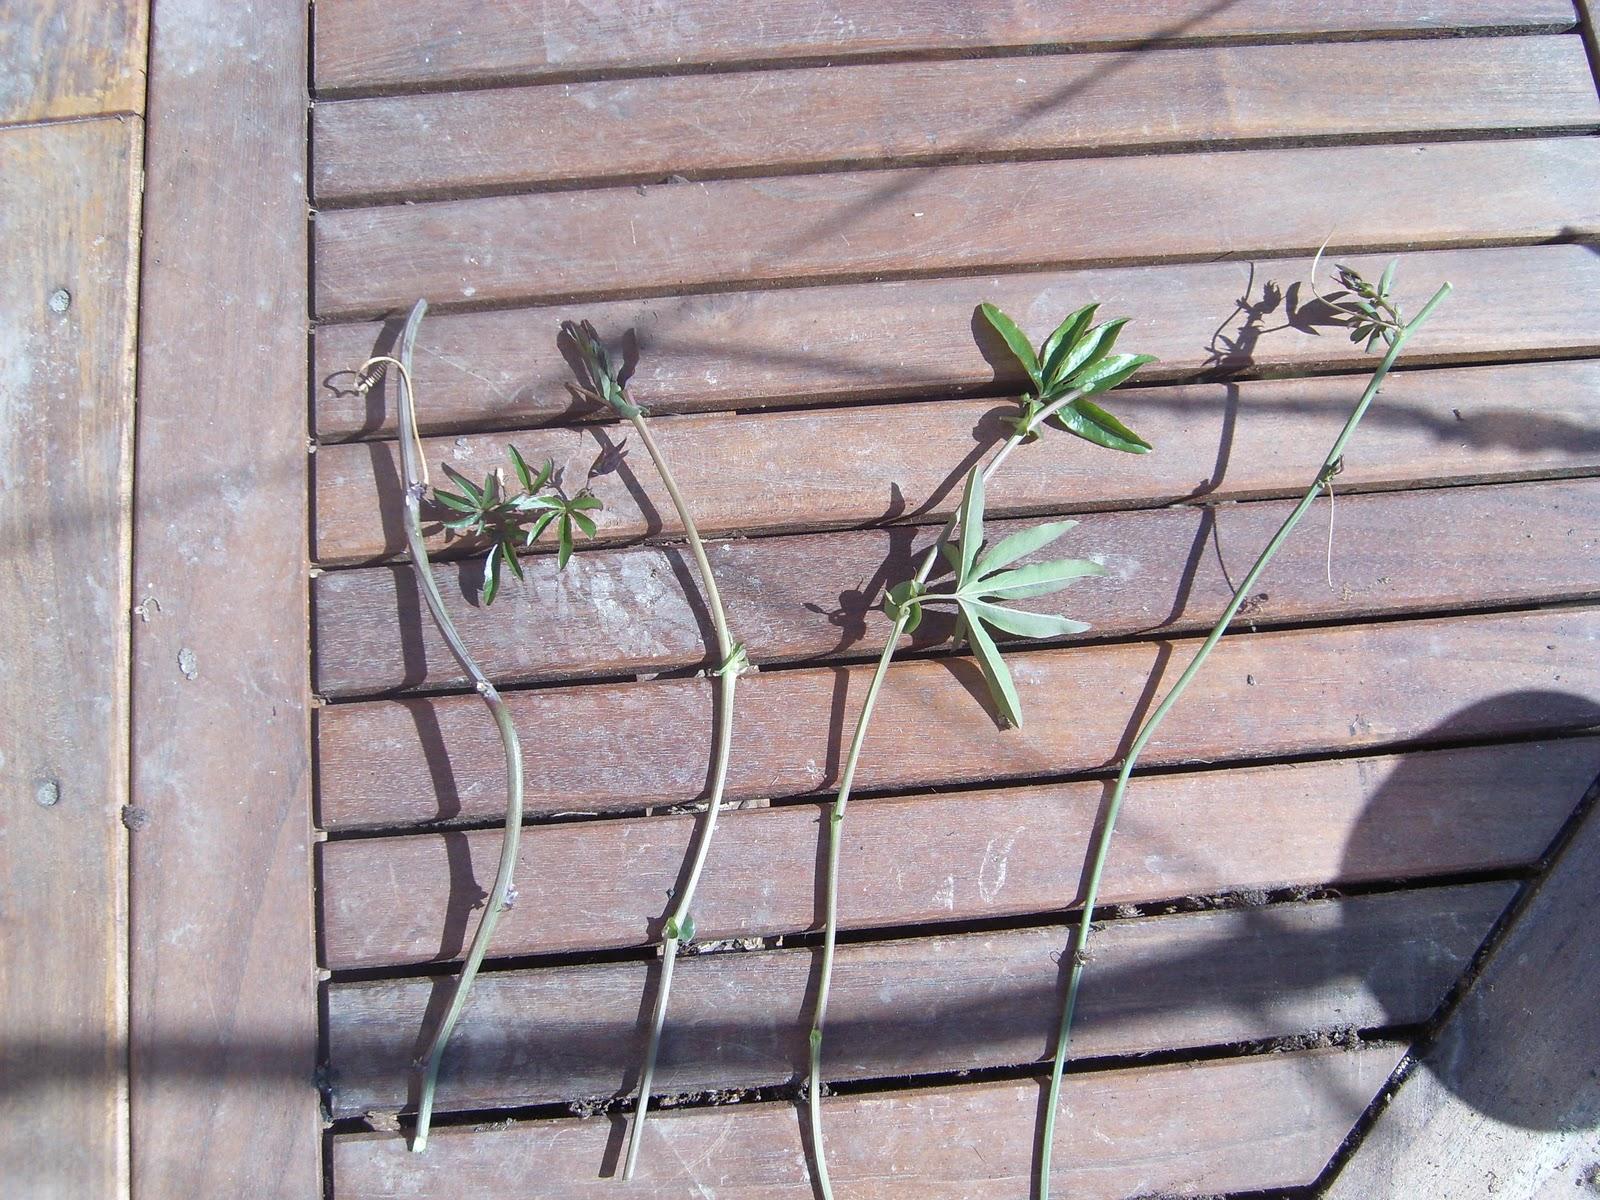 Le jardin de pascaline boutures de passiflore - Les jardins de passiflore ...